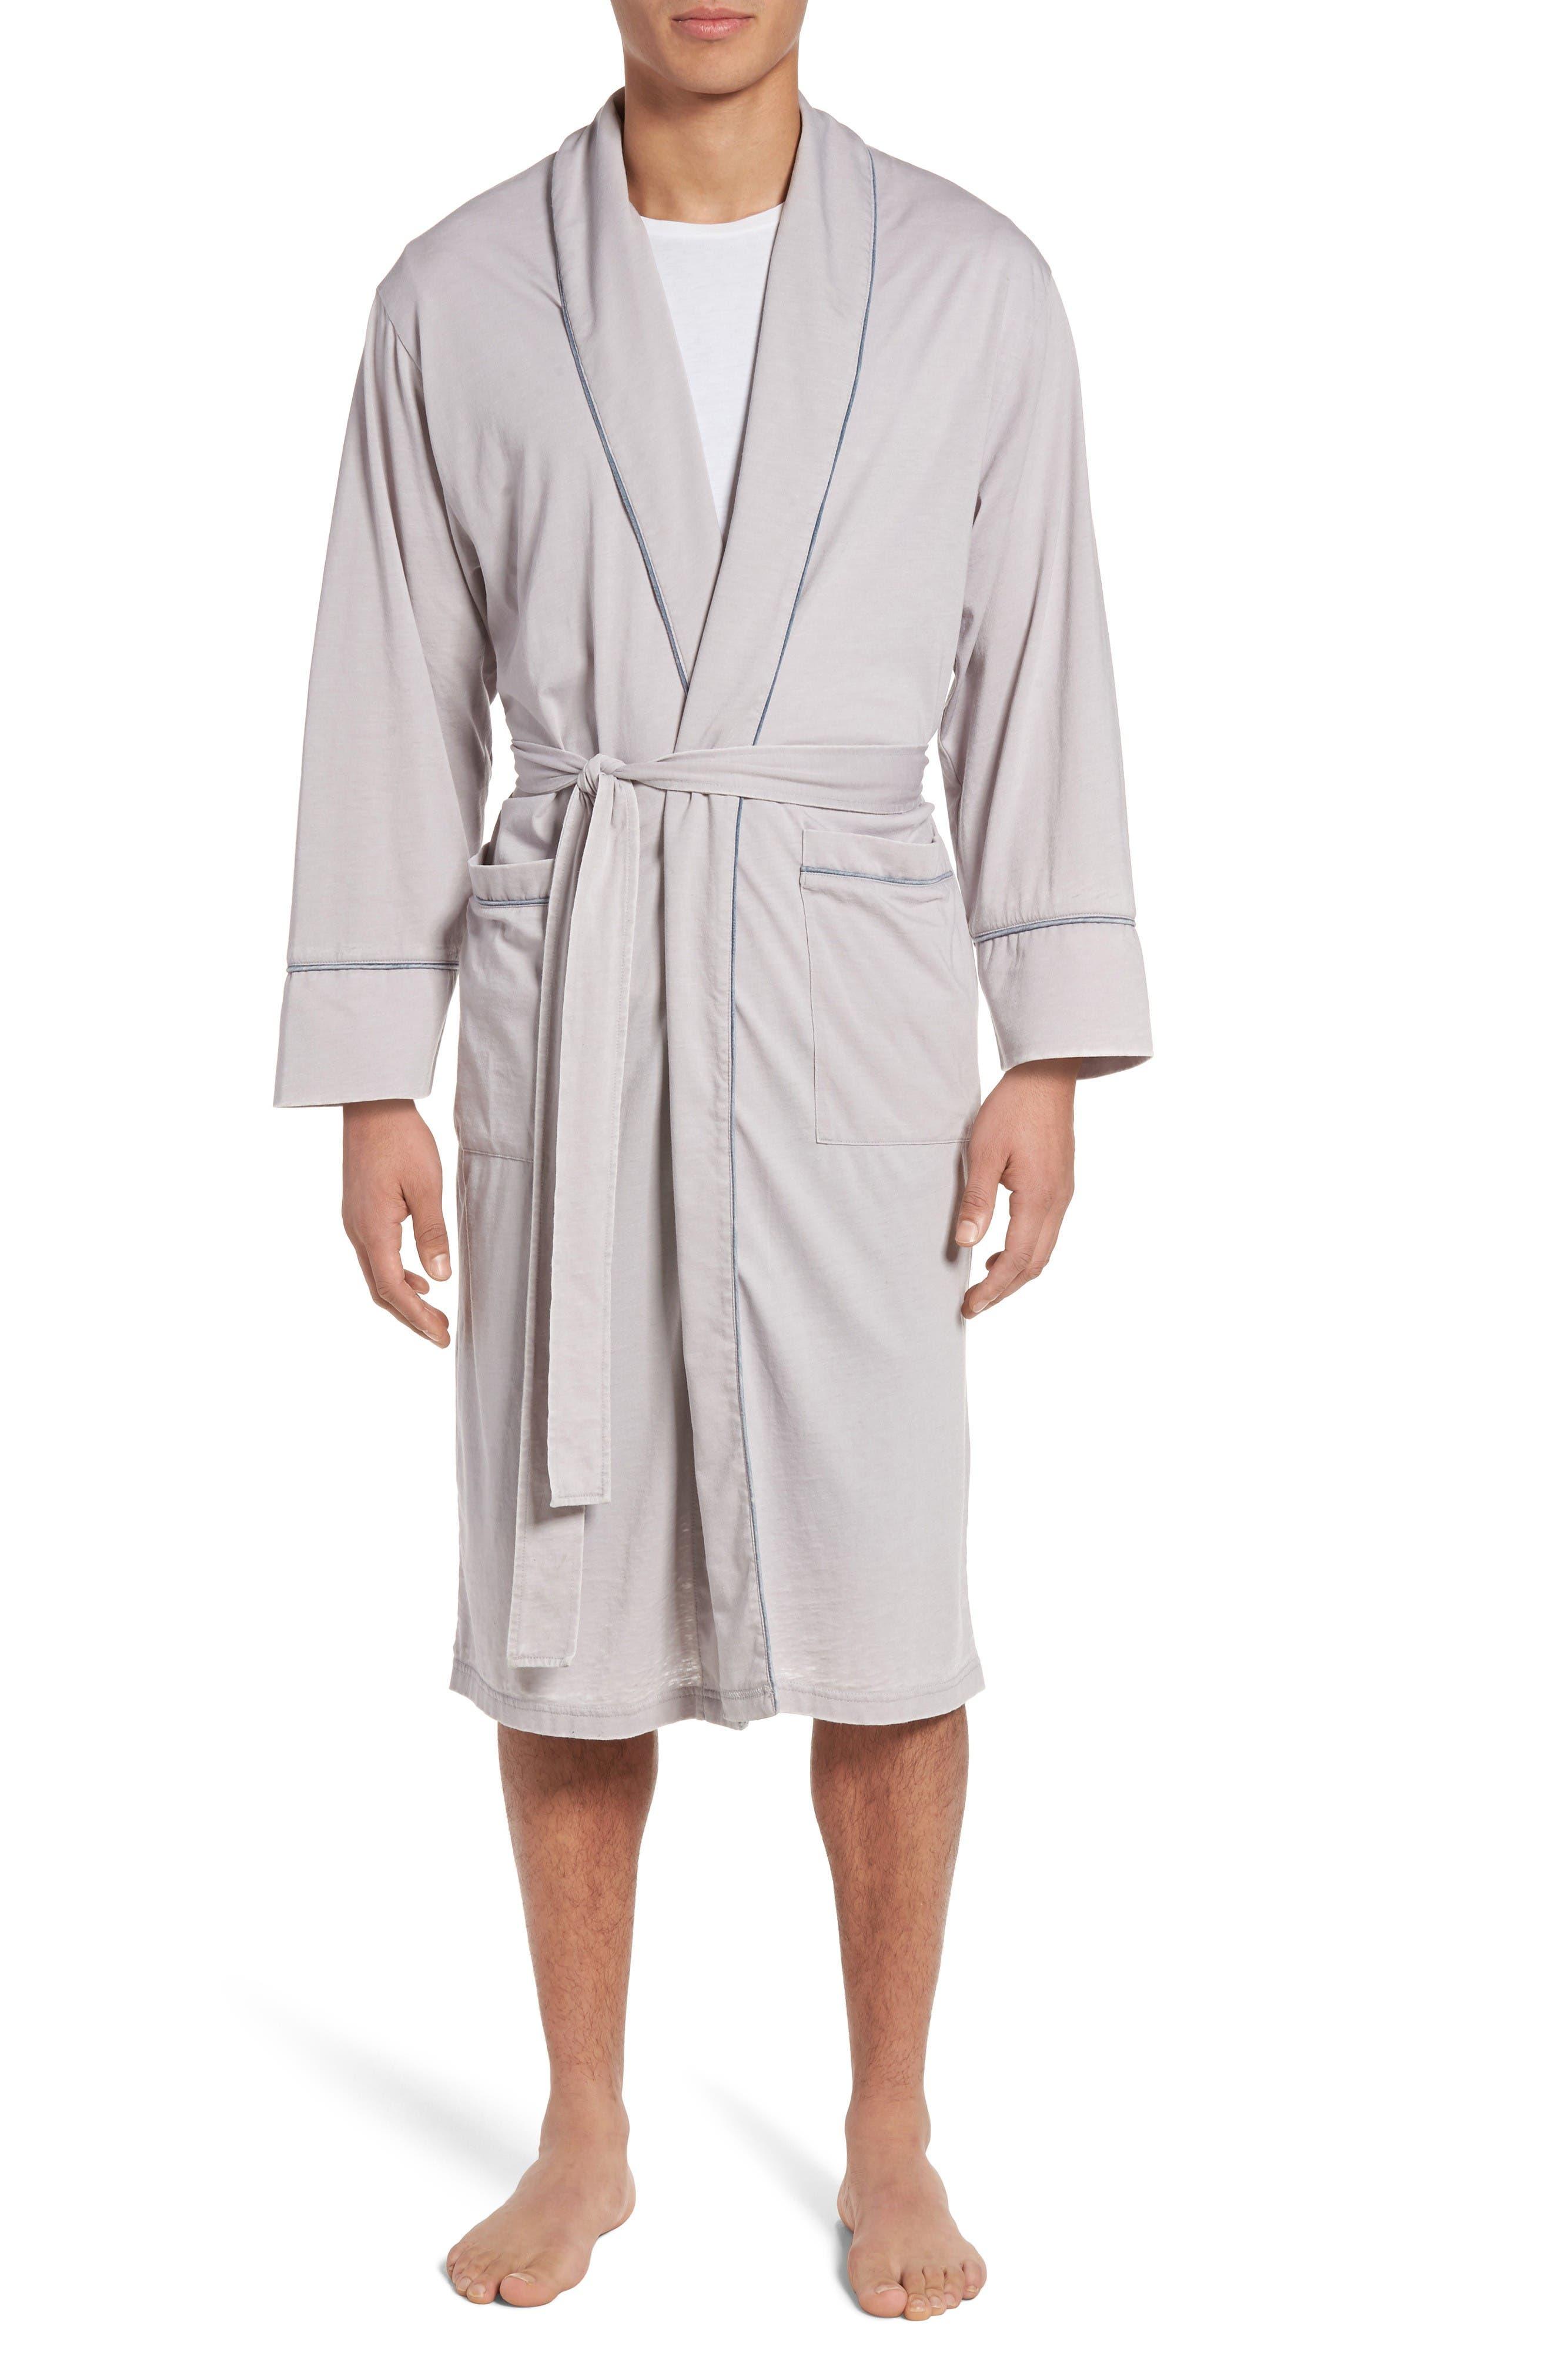 Daniel Buchler Burnout Cotton Blend Robe